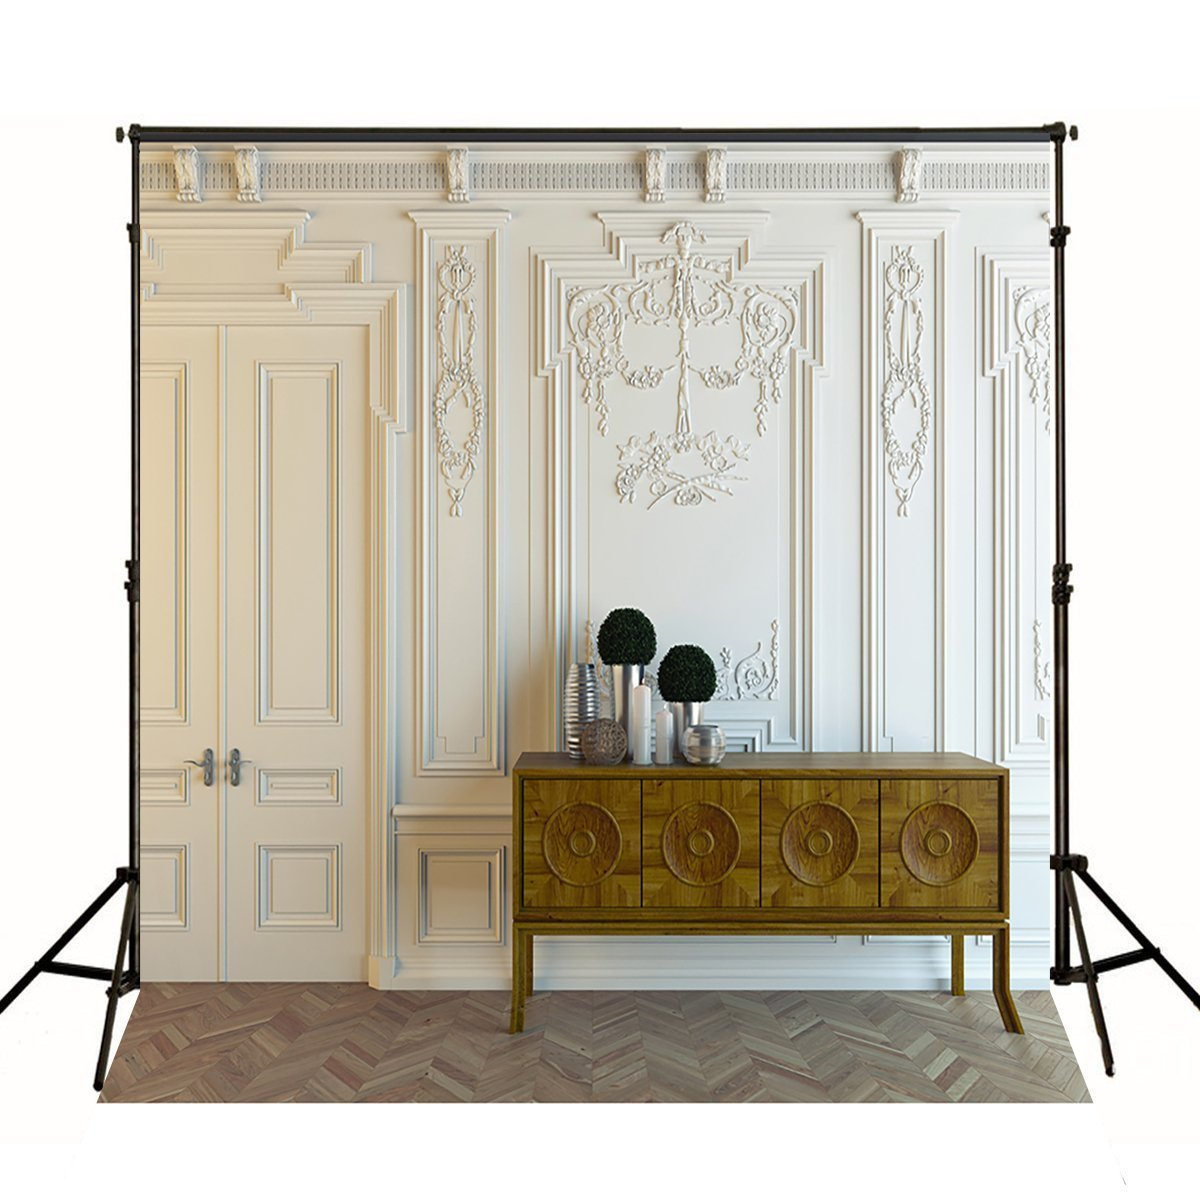 8 x 8 Pureホワイトダマスク壁写真背景背景幕のウェディング写真ブース小道具カスタム写真 B06XCTS5T1